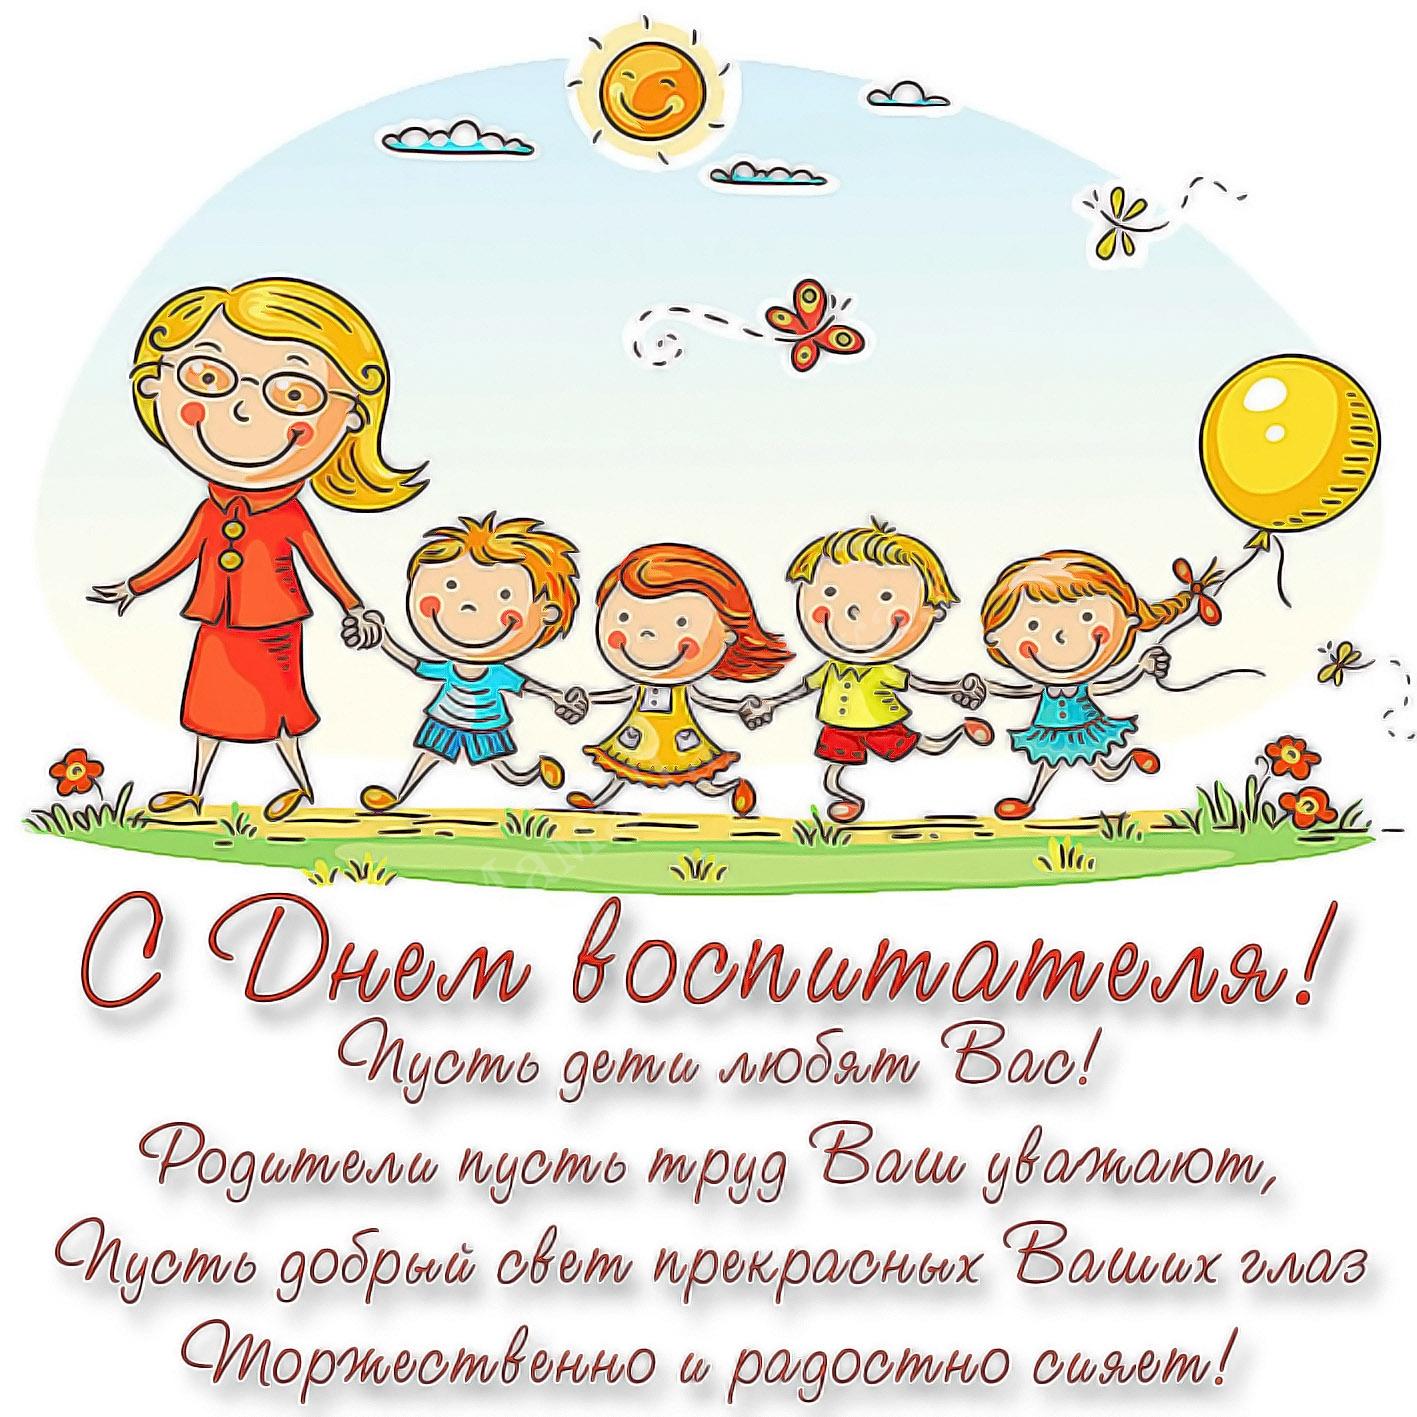 krasivye-otkrytki-kartinki-na-den-vospitatelya-i-vseh-doshkolnyh-rabotnikov-chast-1-aya-7